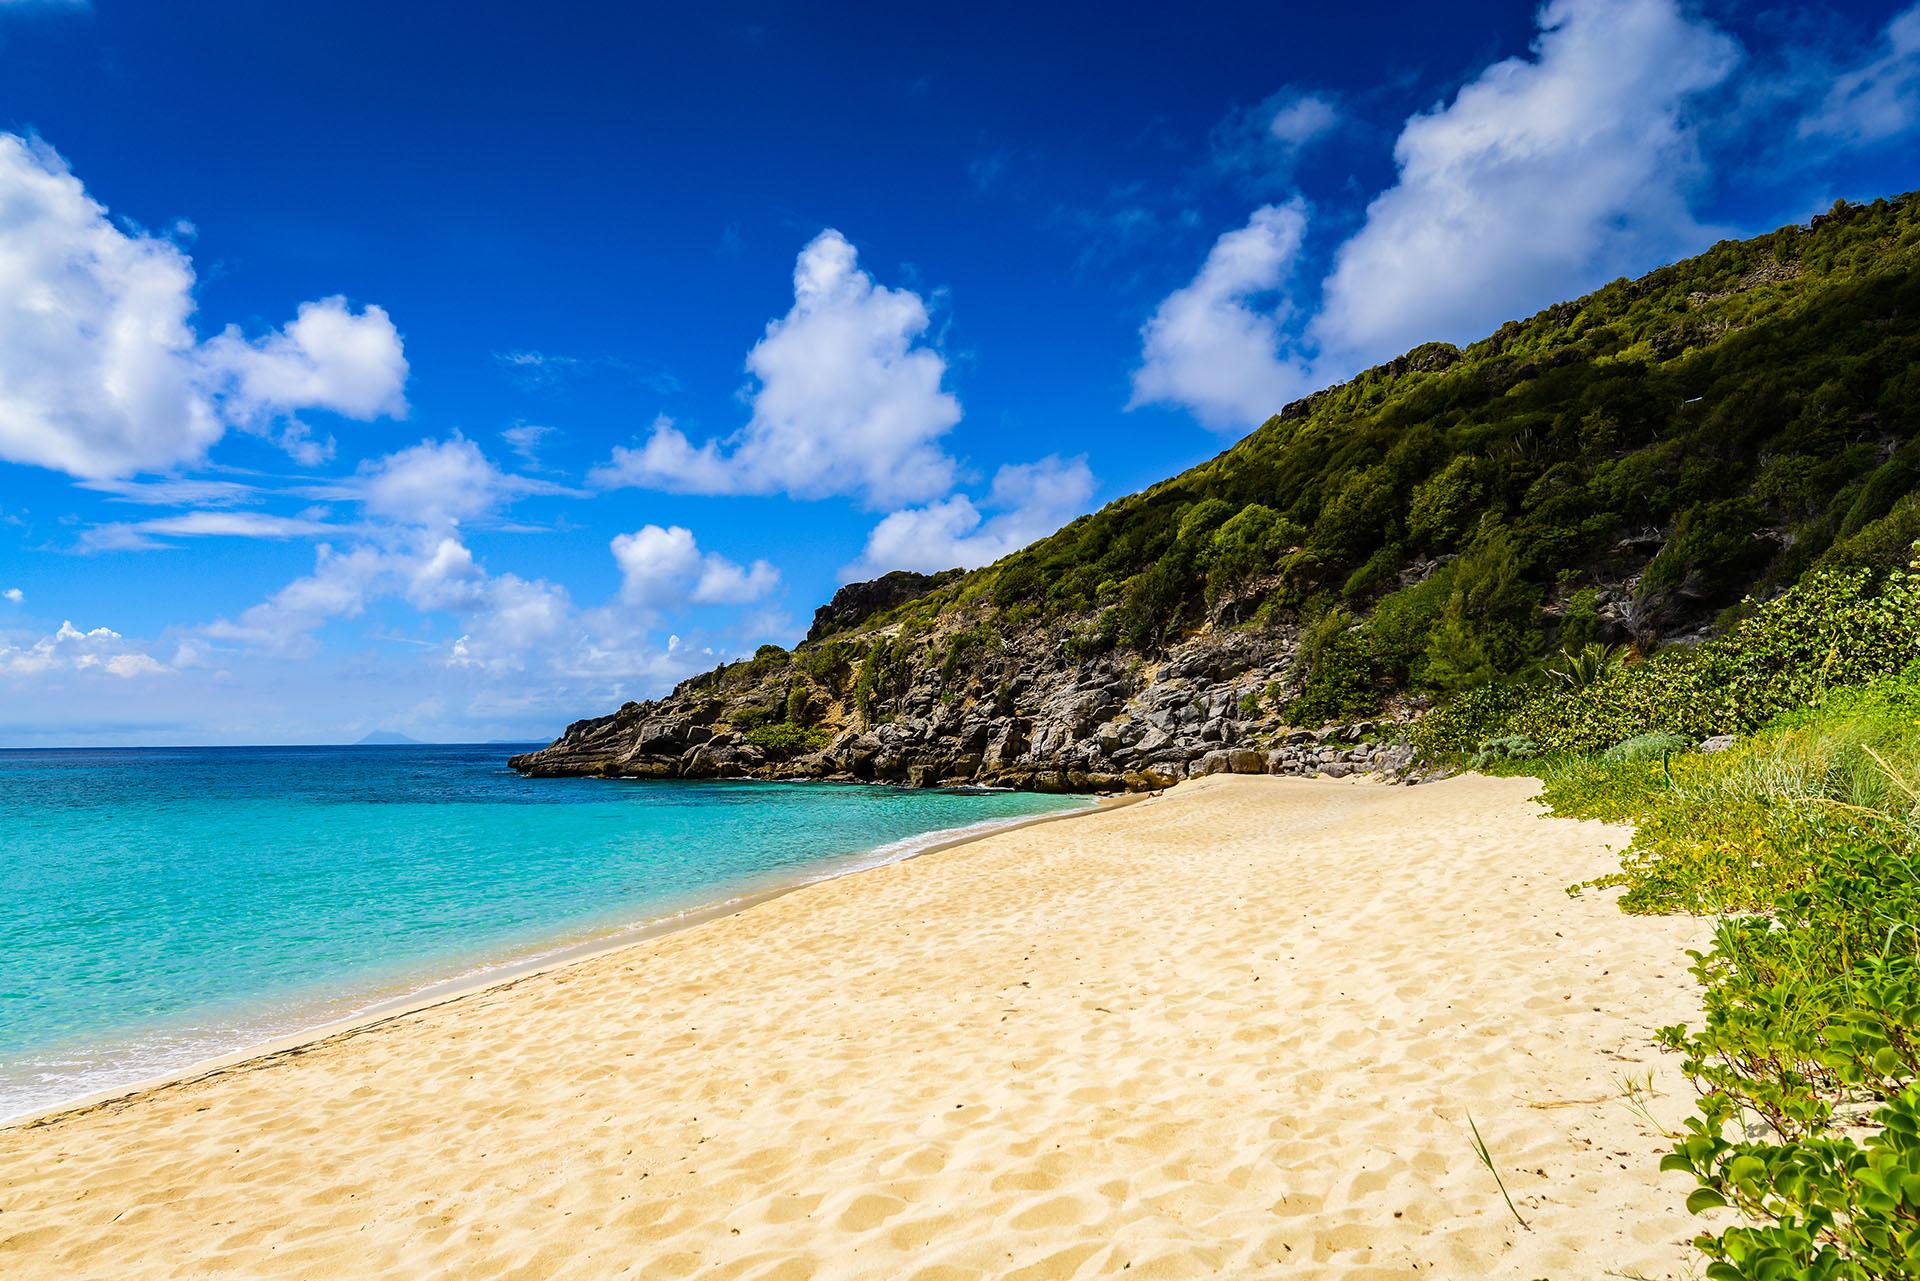 A pesar de que es un poco difícil llegar hasta esta playa caribeña, la recompensa será increíble cuando descubran el impresionante paisaje de San Bartolomé, rodeado por naturaleza en donde es muy inusual encontrarse con algún turista